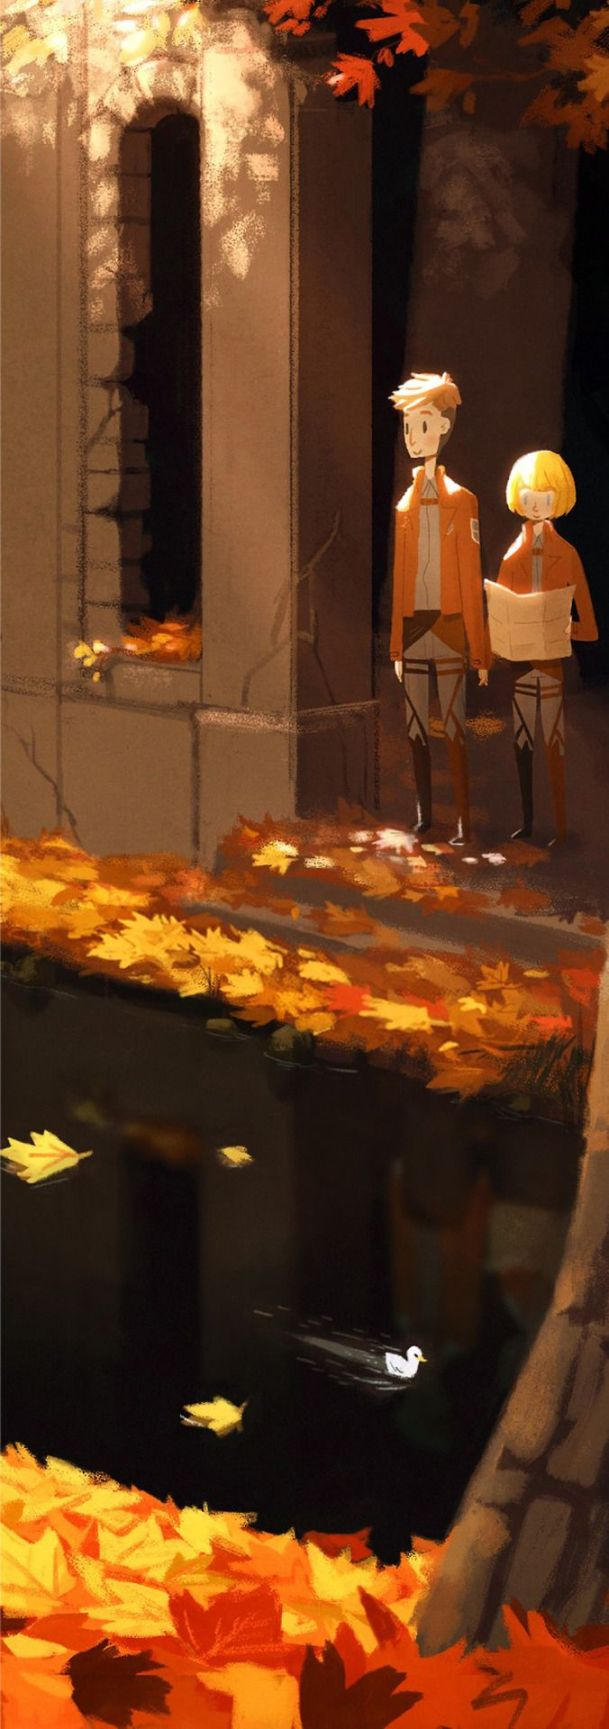 http://theartofanimation.tumblr.com/post/105052942593/olivia-huynh